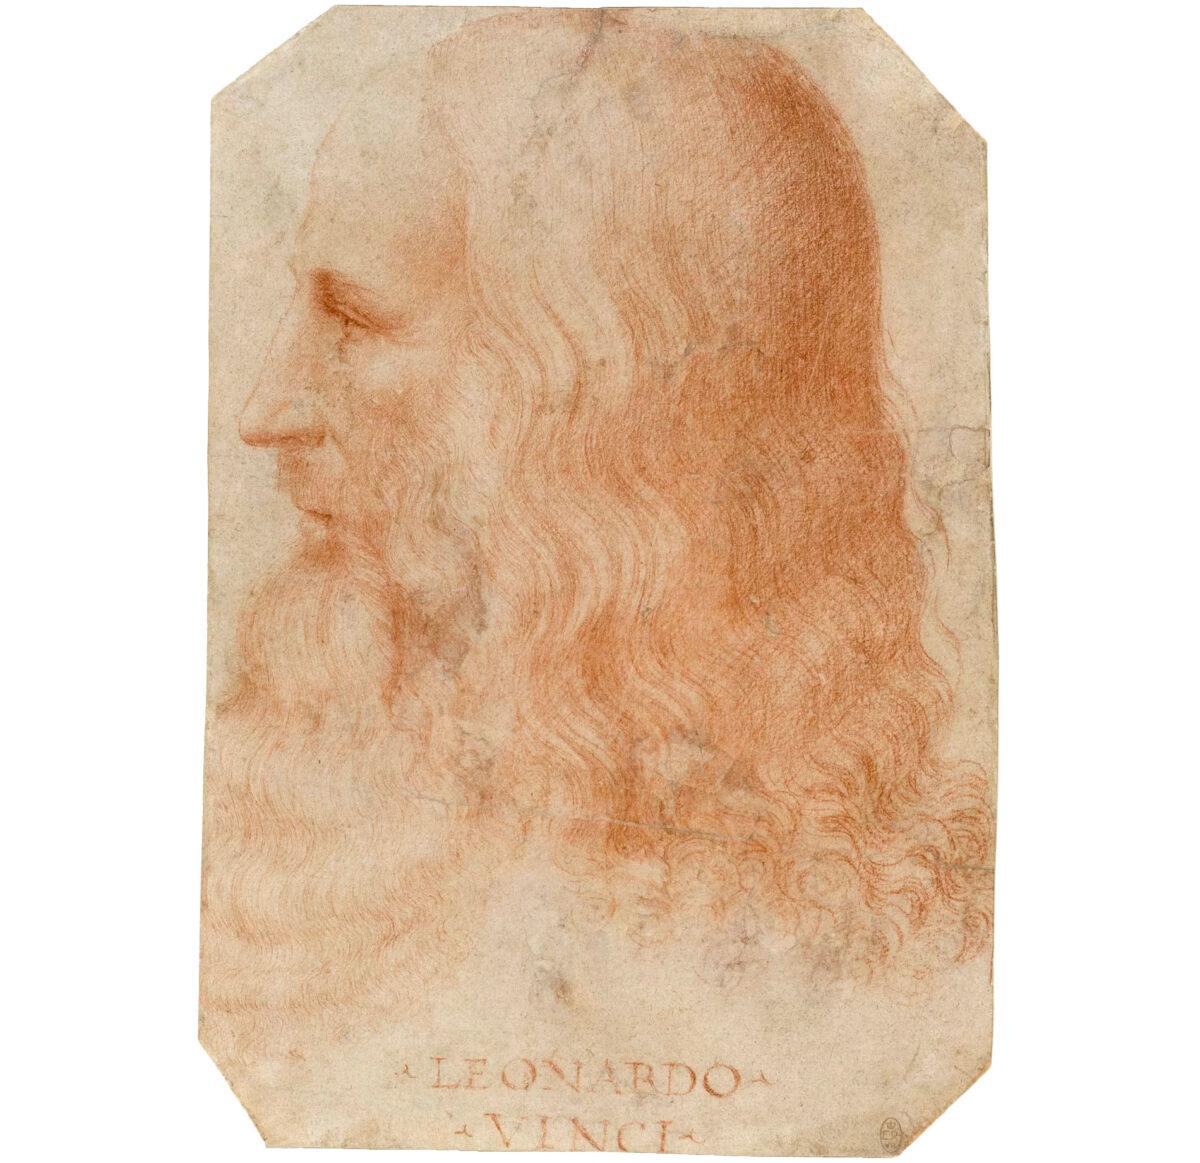 Πορτρέτο του Λεονάρντο ντα Βίντσι που αποδίδεται στον Φραντζέσκο Μέλτζι, περ. 1515-1518 (φωτ.: Βικιπαίδεια).